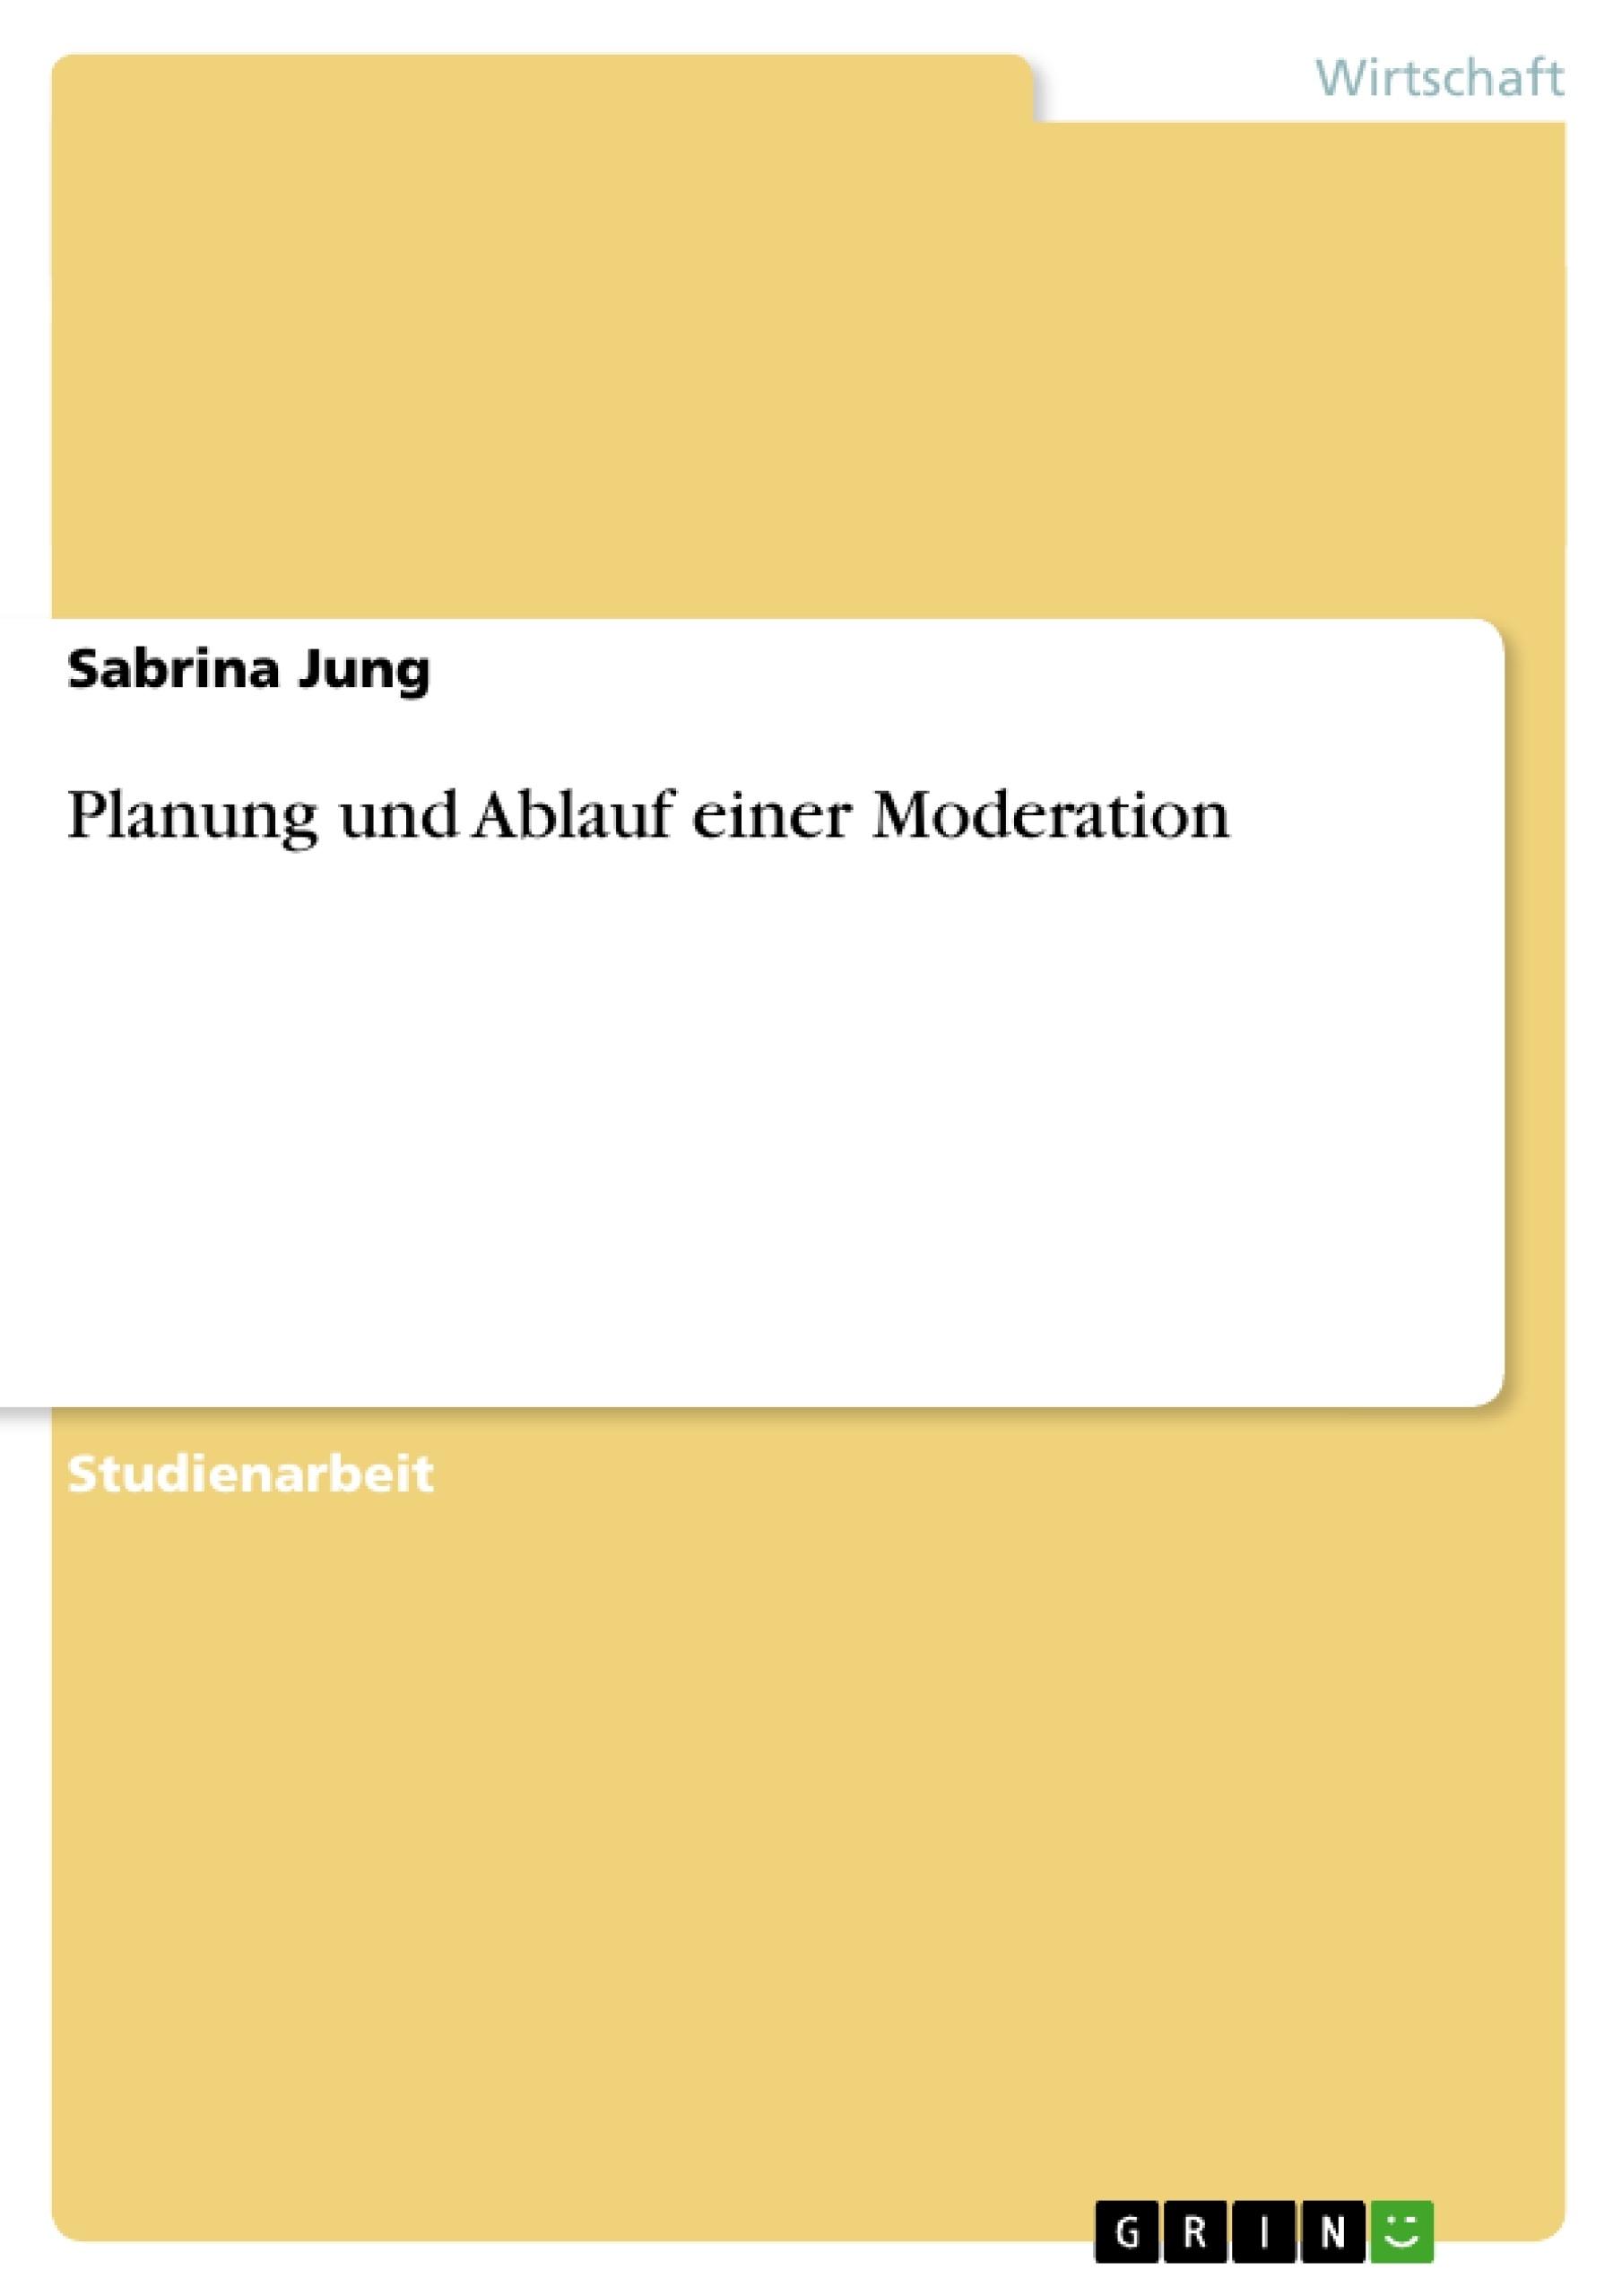 Titel: Planung und Ablauf einer Moderation